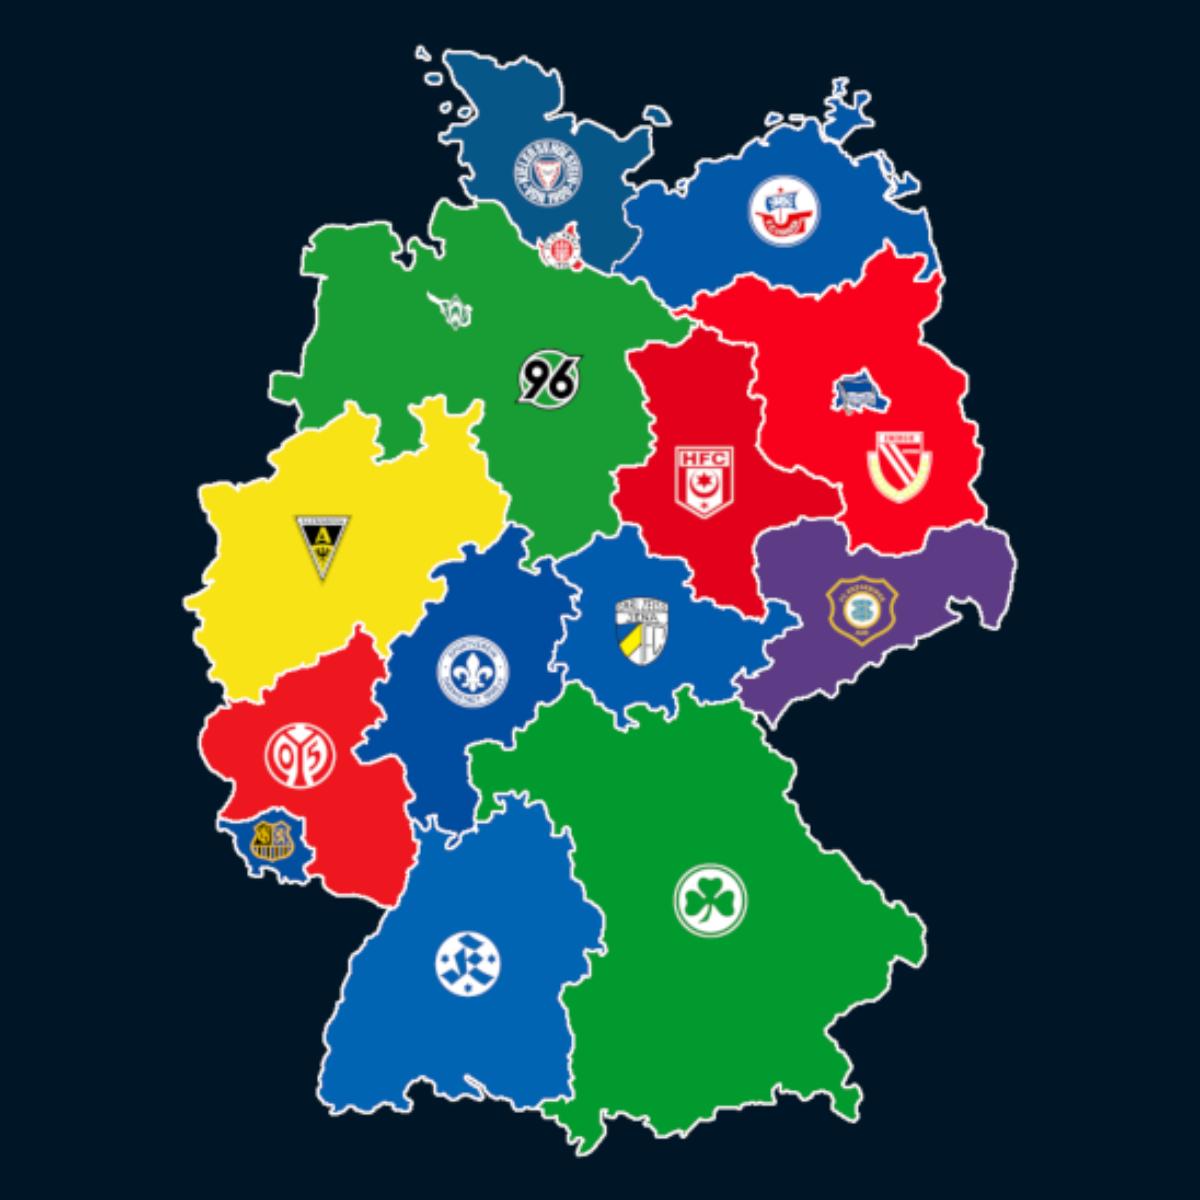 Landkarte: Ewige Tabelle der 2. Bundesliga